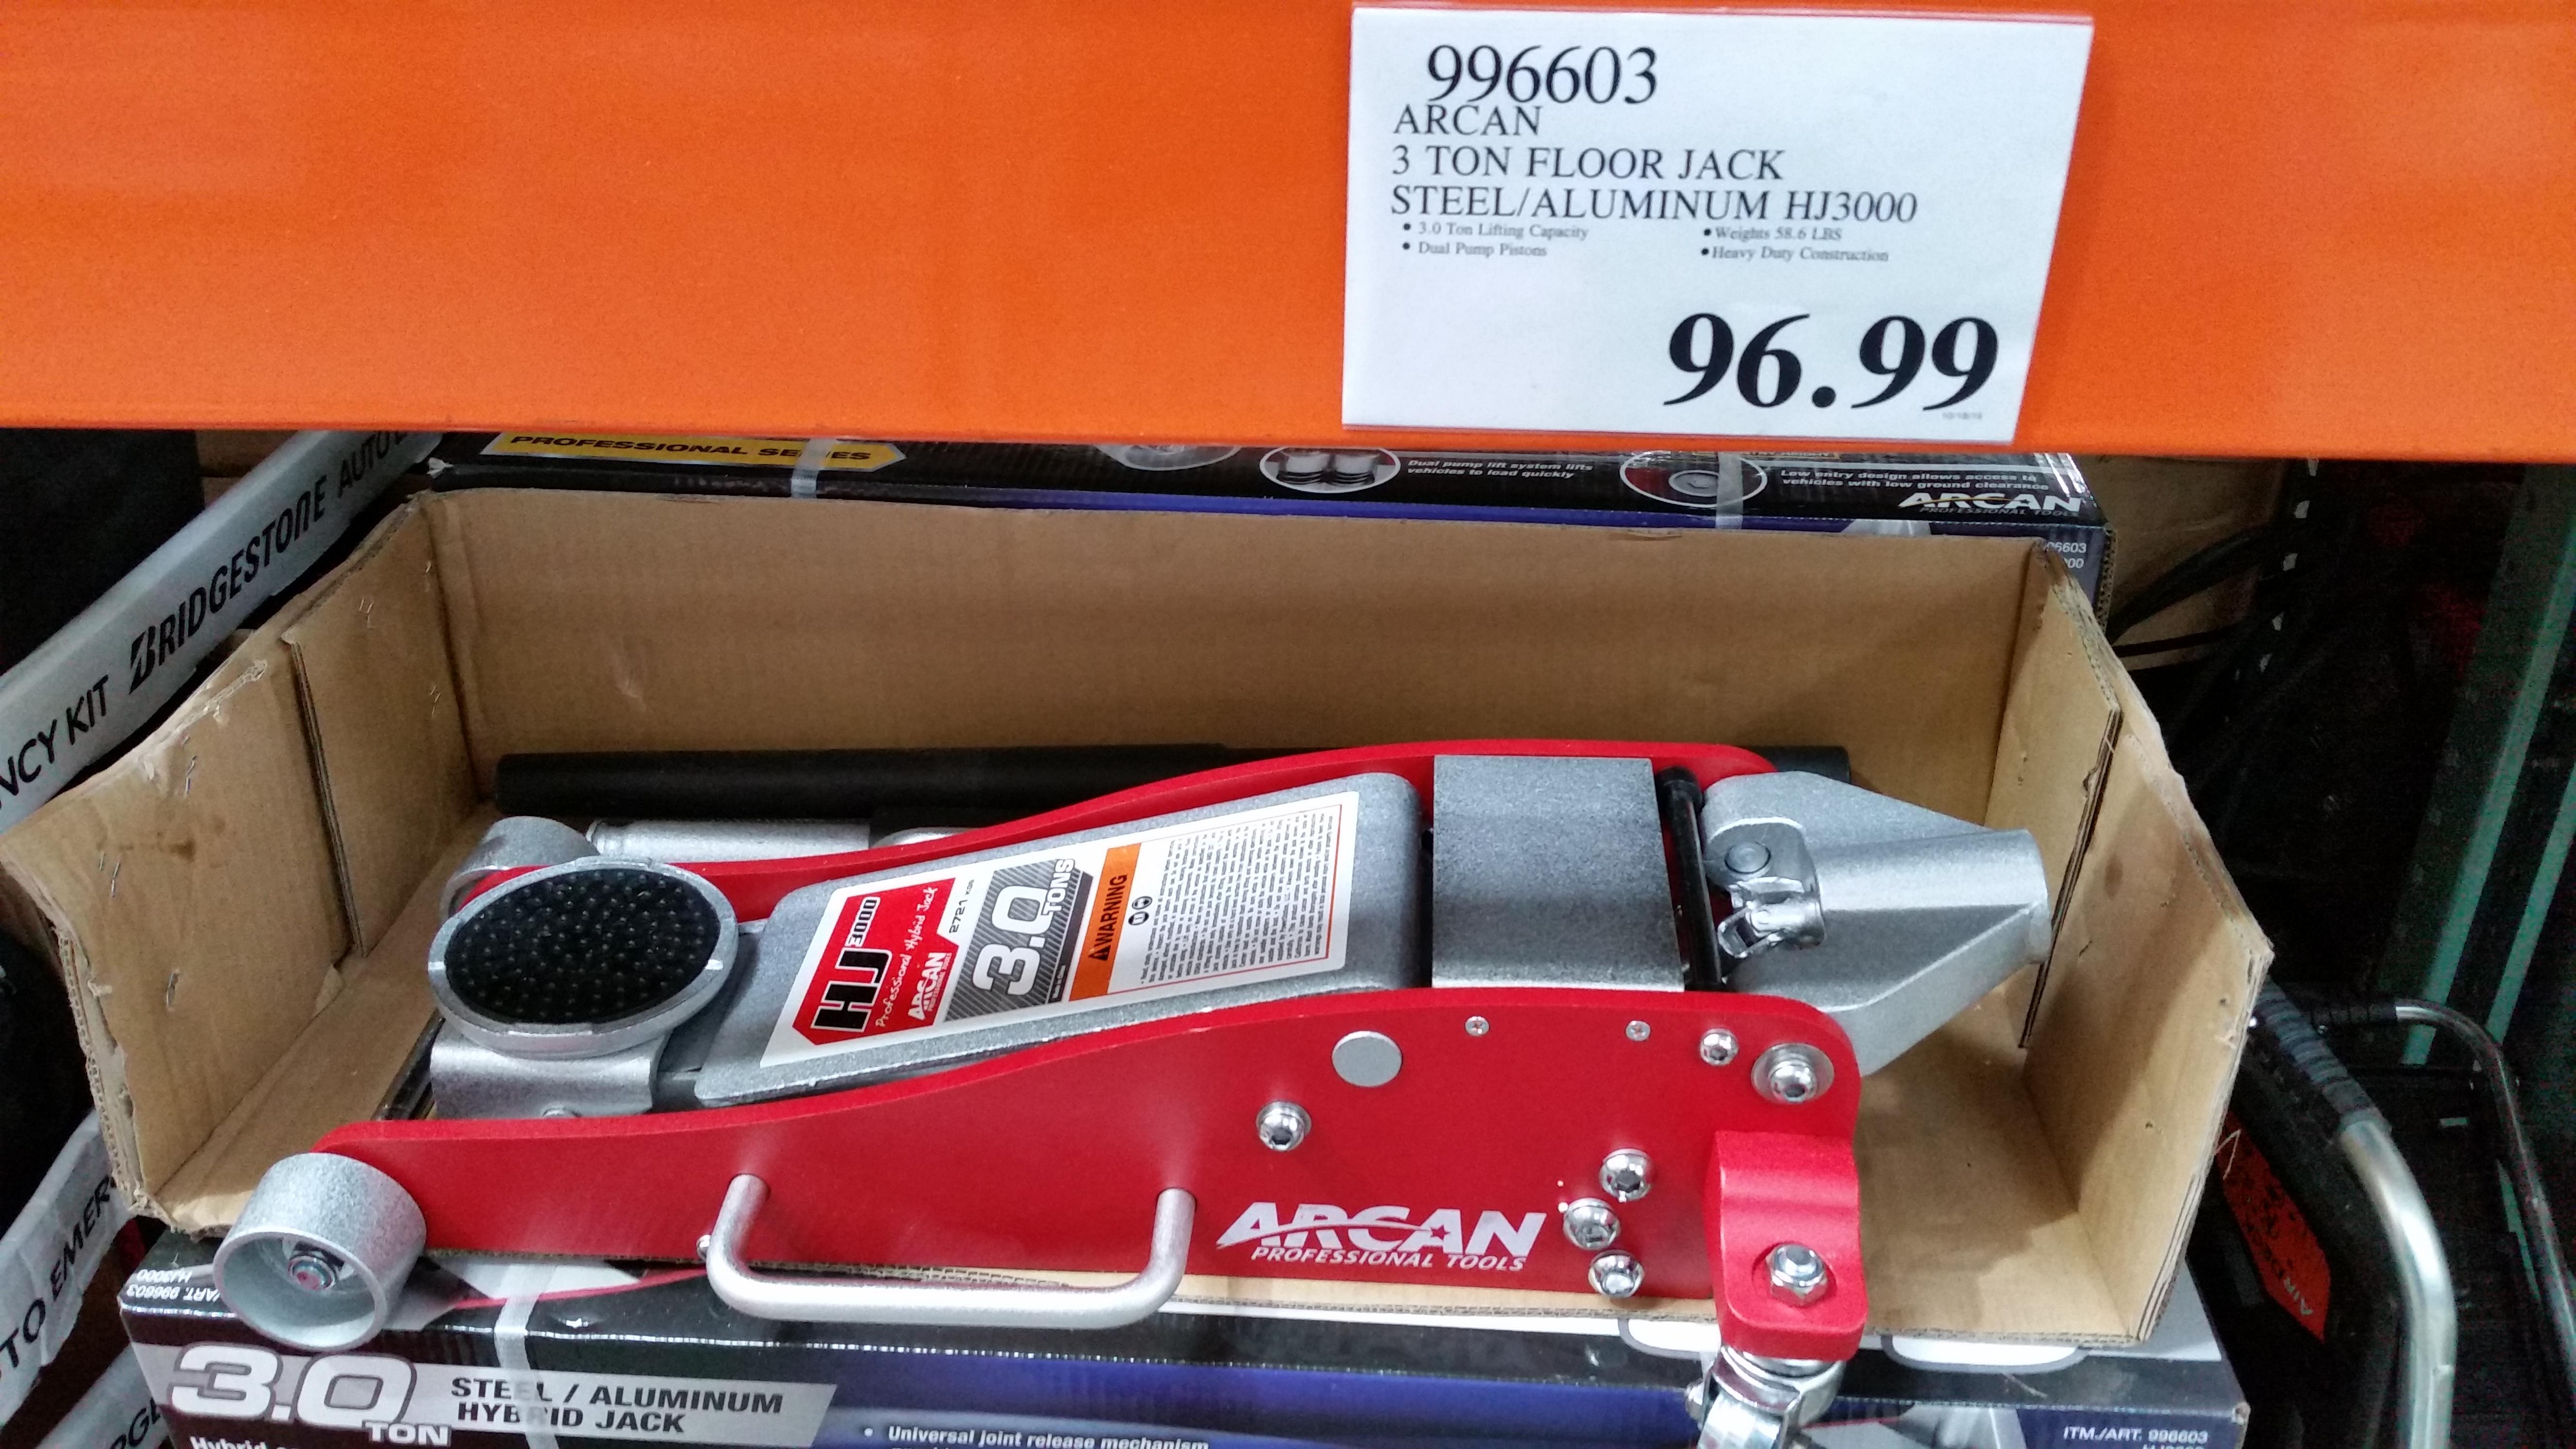 Arcan, 3 Ton Floor Jack Steel/Aluminum HJ3000 $96.99 @Costco    Slickdeals.net